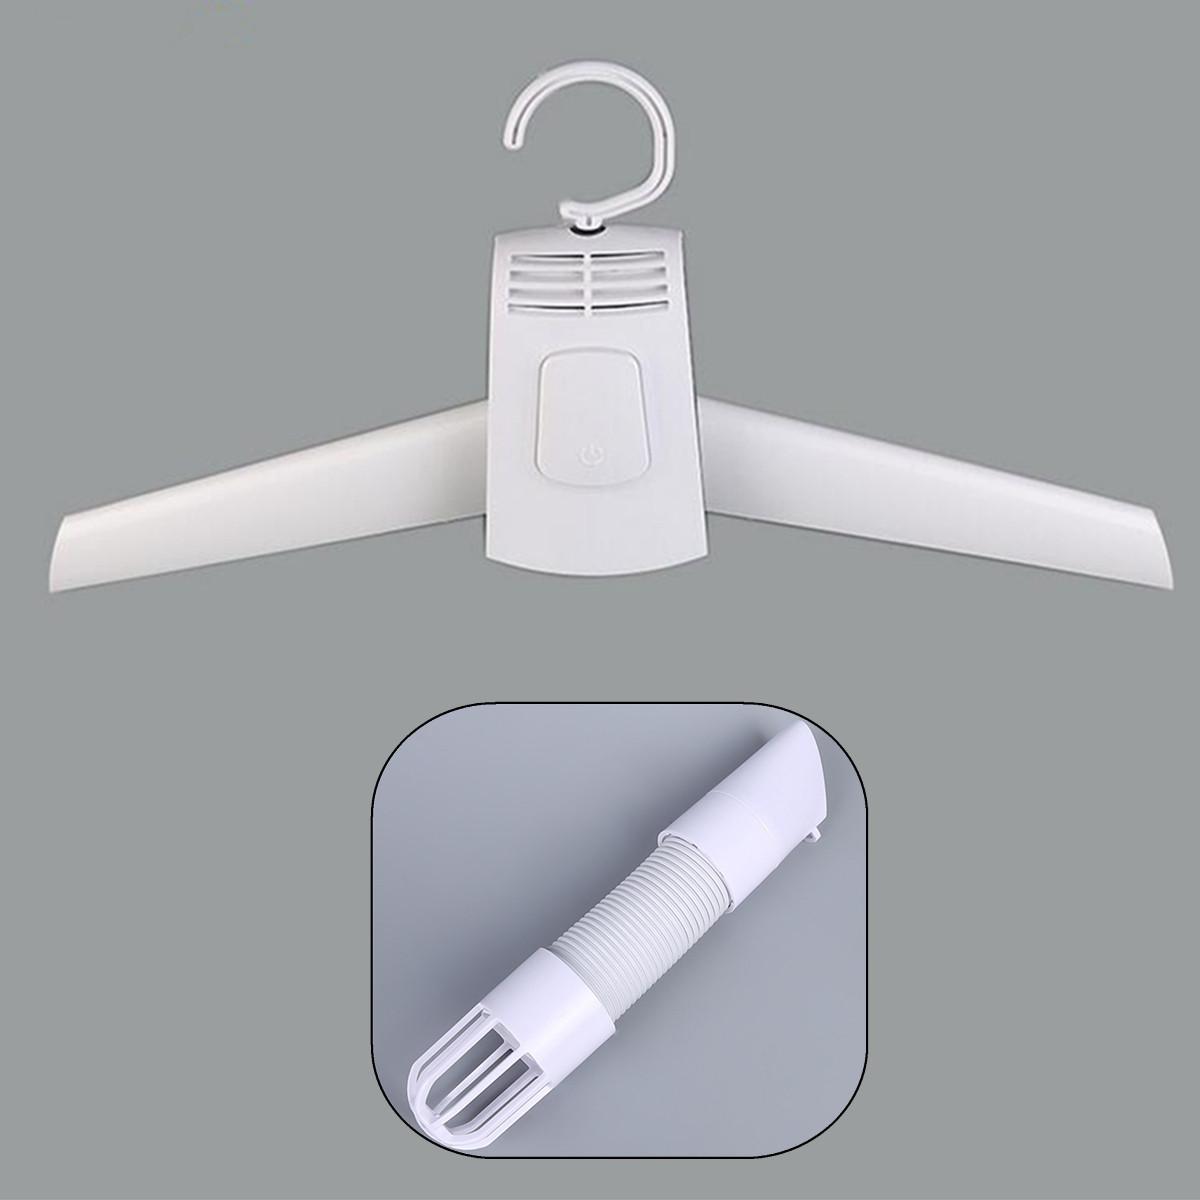 ПортативнаяэлектрическаяскладнаятканьВешалкаОбувь Сушилка для путешествий Прачечная Сушилка - 1TopShop